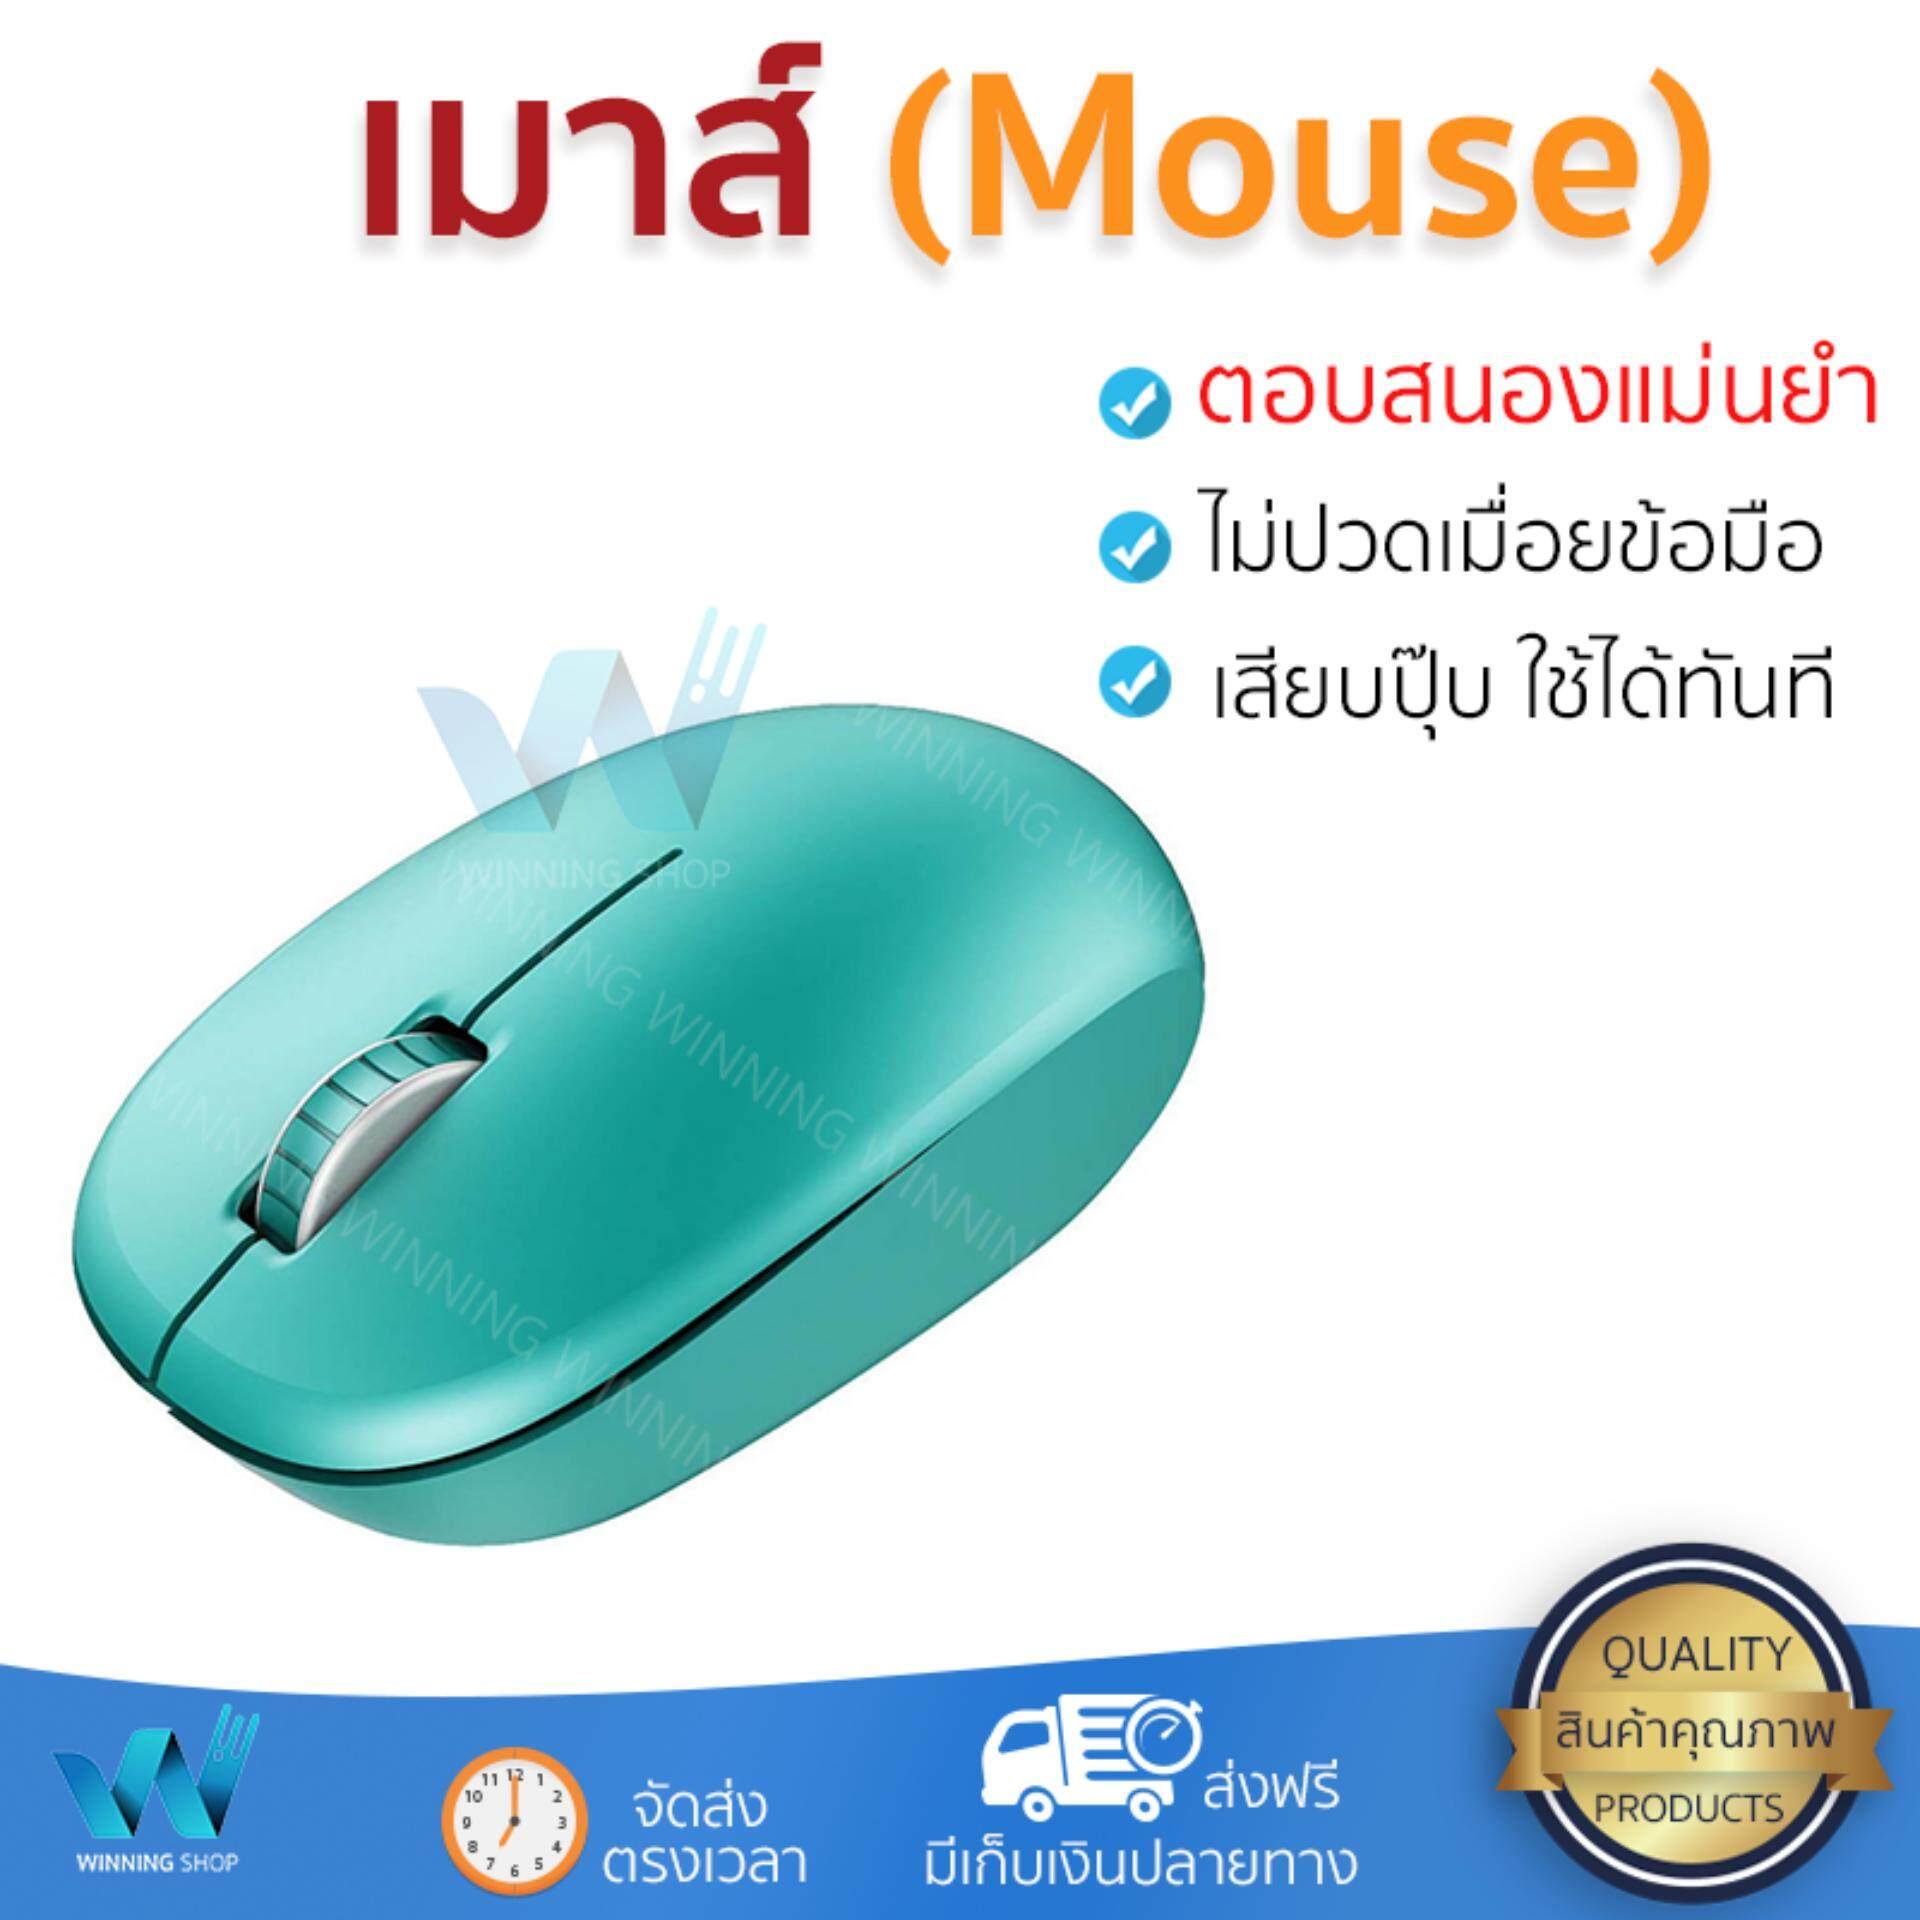 ลดสุดๆ รุ่นใหม่ล่าสุด เมาส์           MICRO PACK เมาส์ไร้สาย (สีฟ้า) รุ่น MP-716W             เซนเซอร์คุณภาพสูง ทำงานได้ลื่นไหล ไม่มีสะดุด Computer Mouse  รับประกันสินค้า 1 ปี จัดส่งฟรี Kerry ทั่วประเ